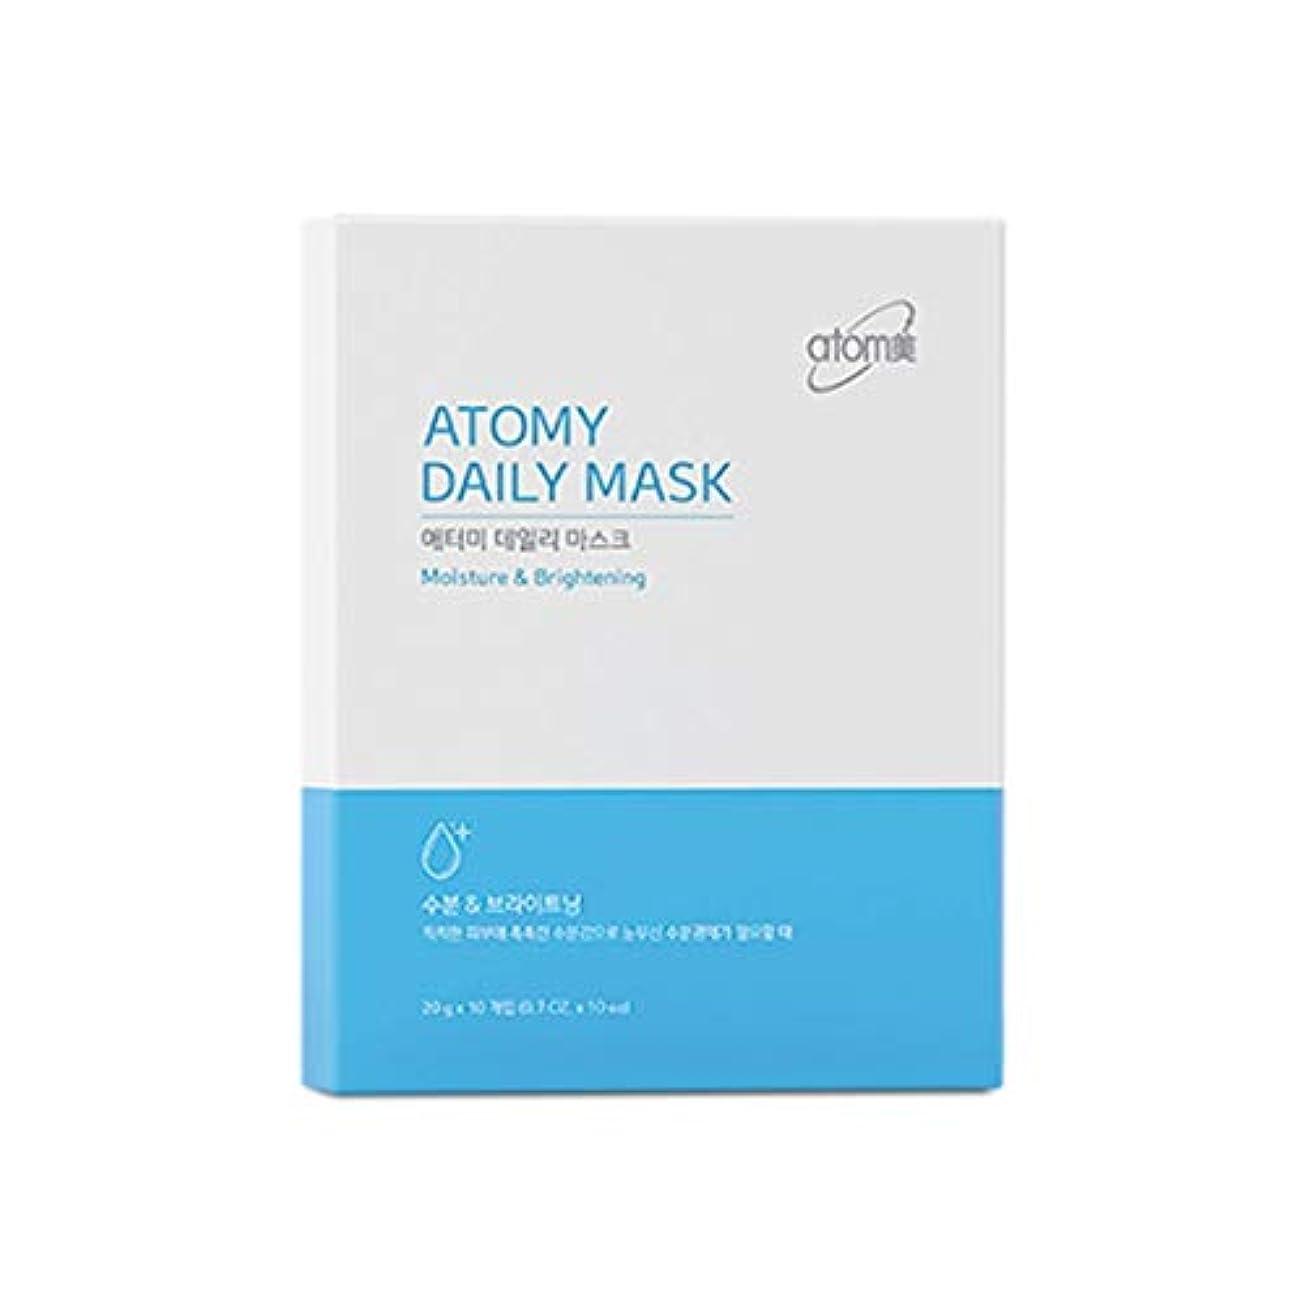 床立派なエレクトロニック[NEW] Atomy Daily Mask Sheet 10 Pack- Moisture & Brightening アトミ 自然由来の成分と4つの特許成分マスクパック(並行輸入品)